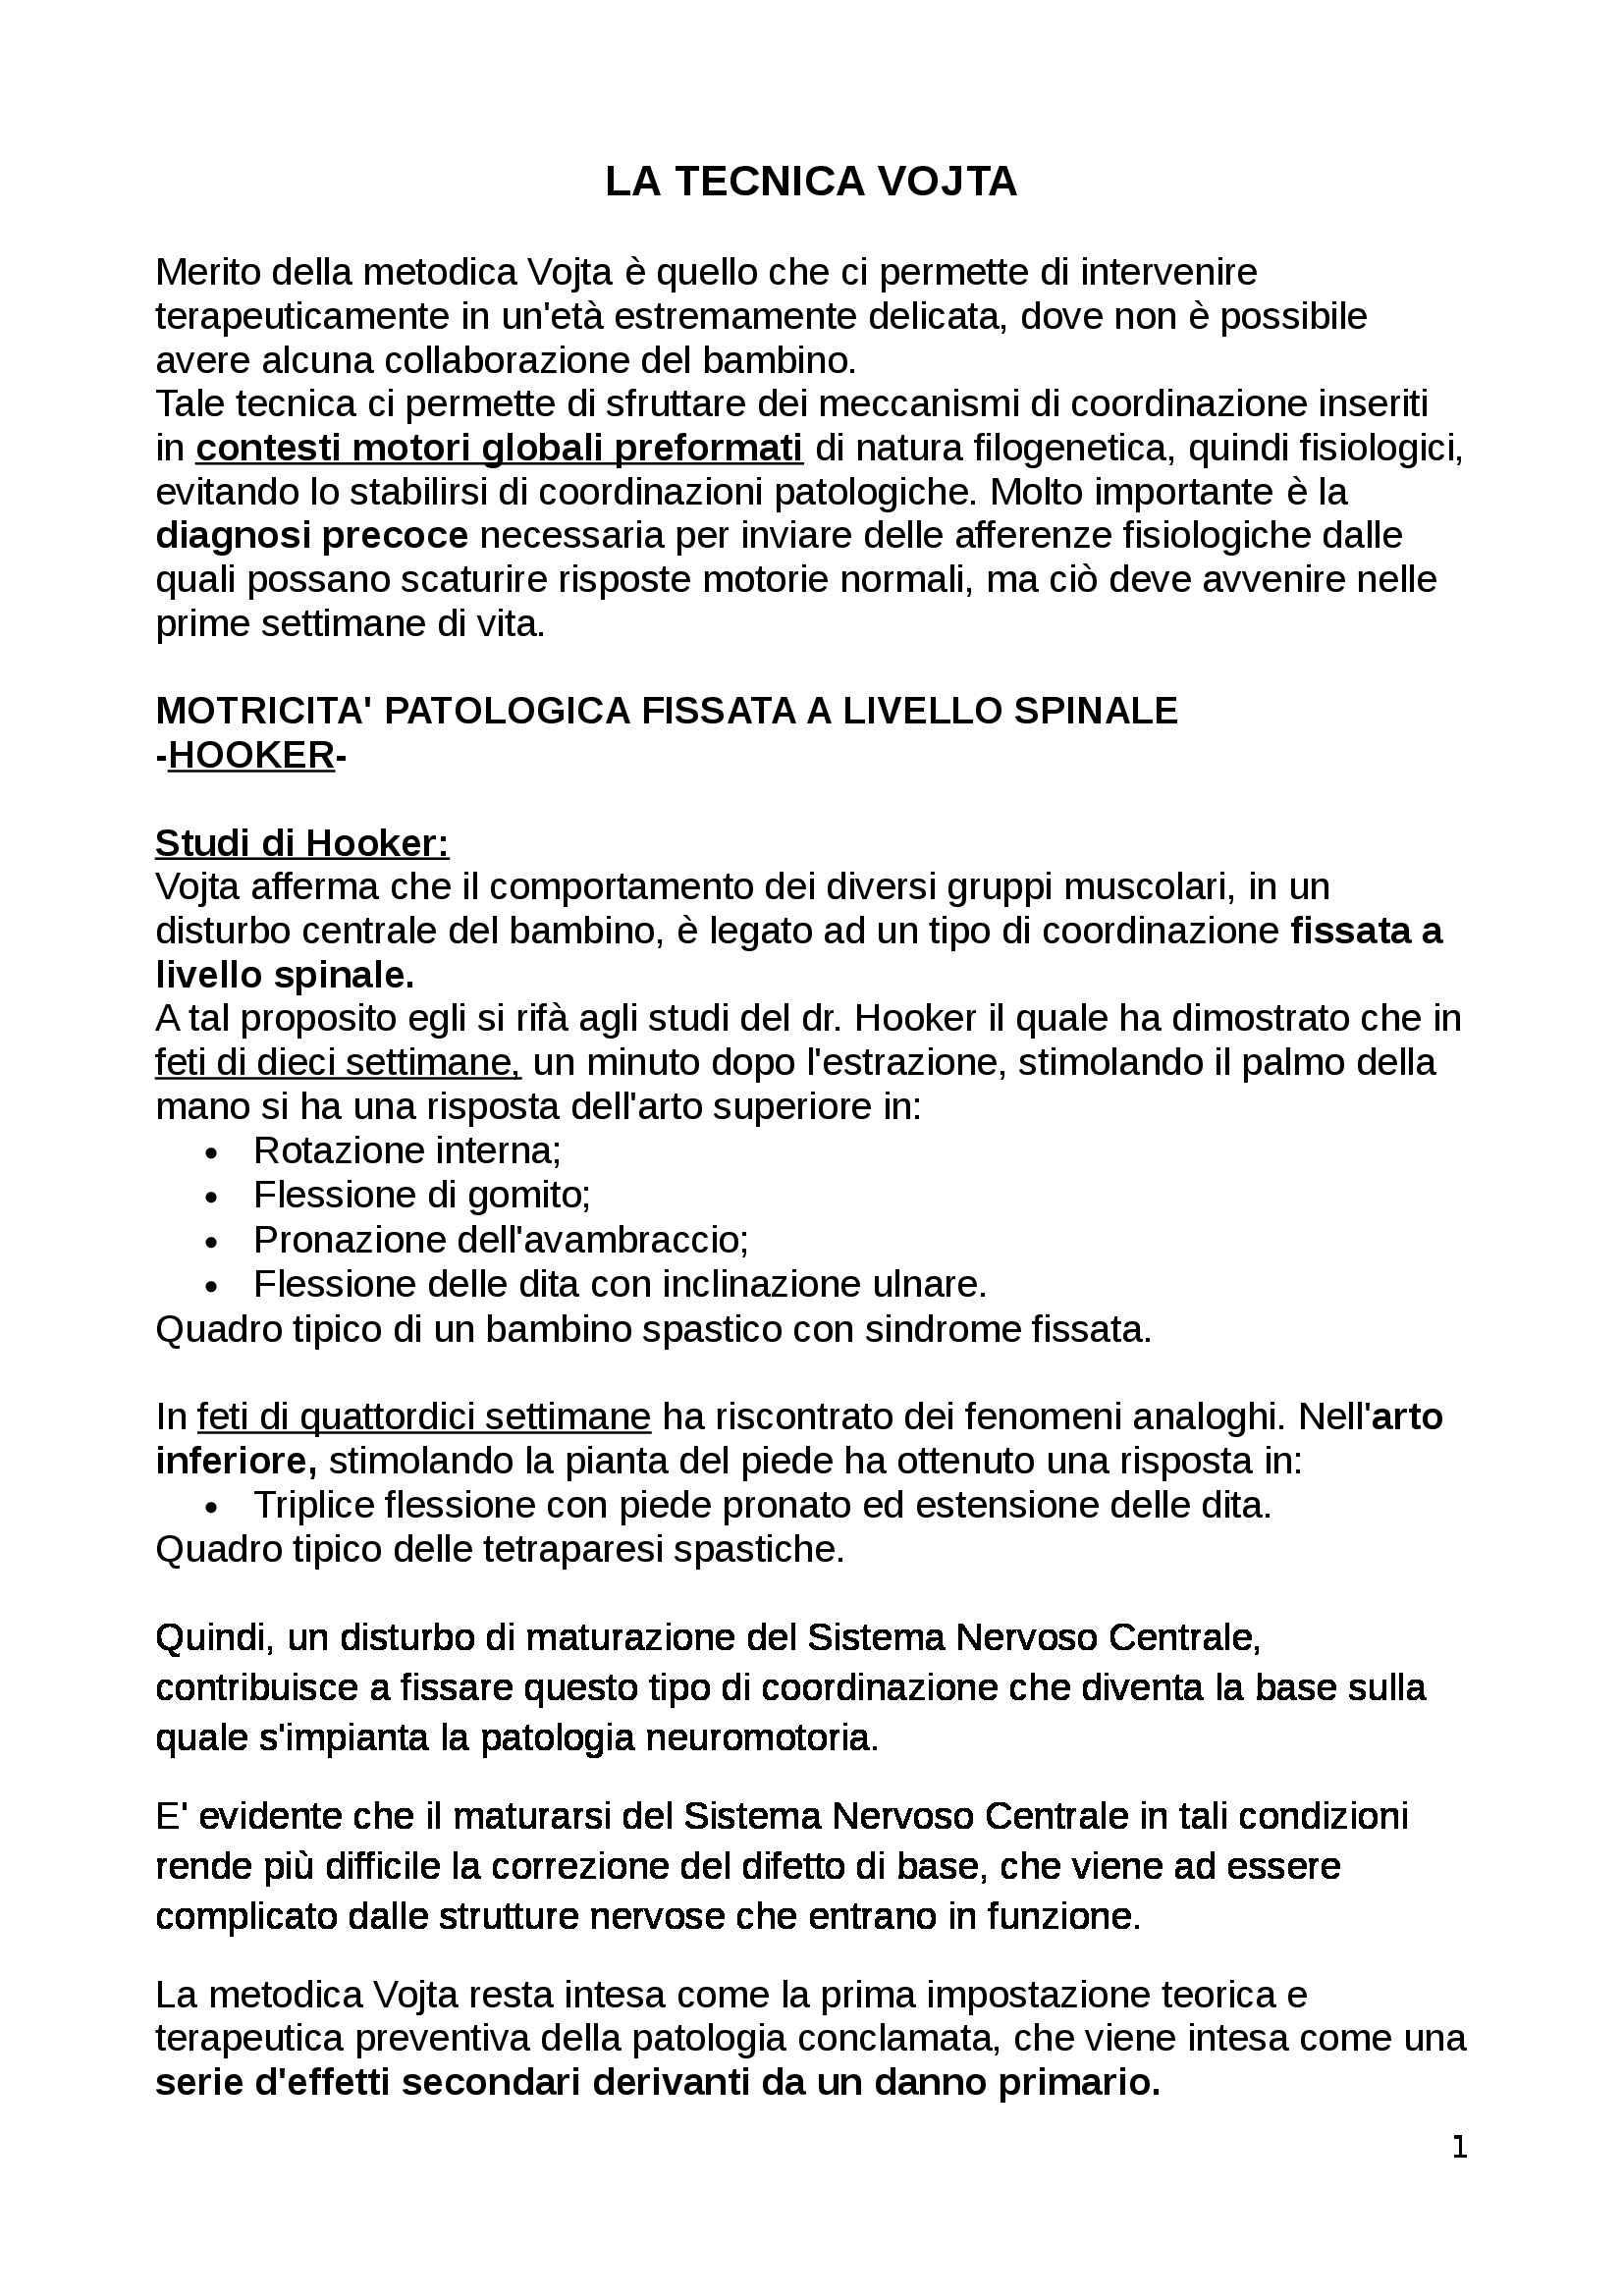 appunto D. Piazzini Tecniche fisioterapiche 4